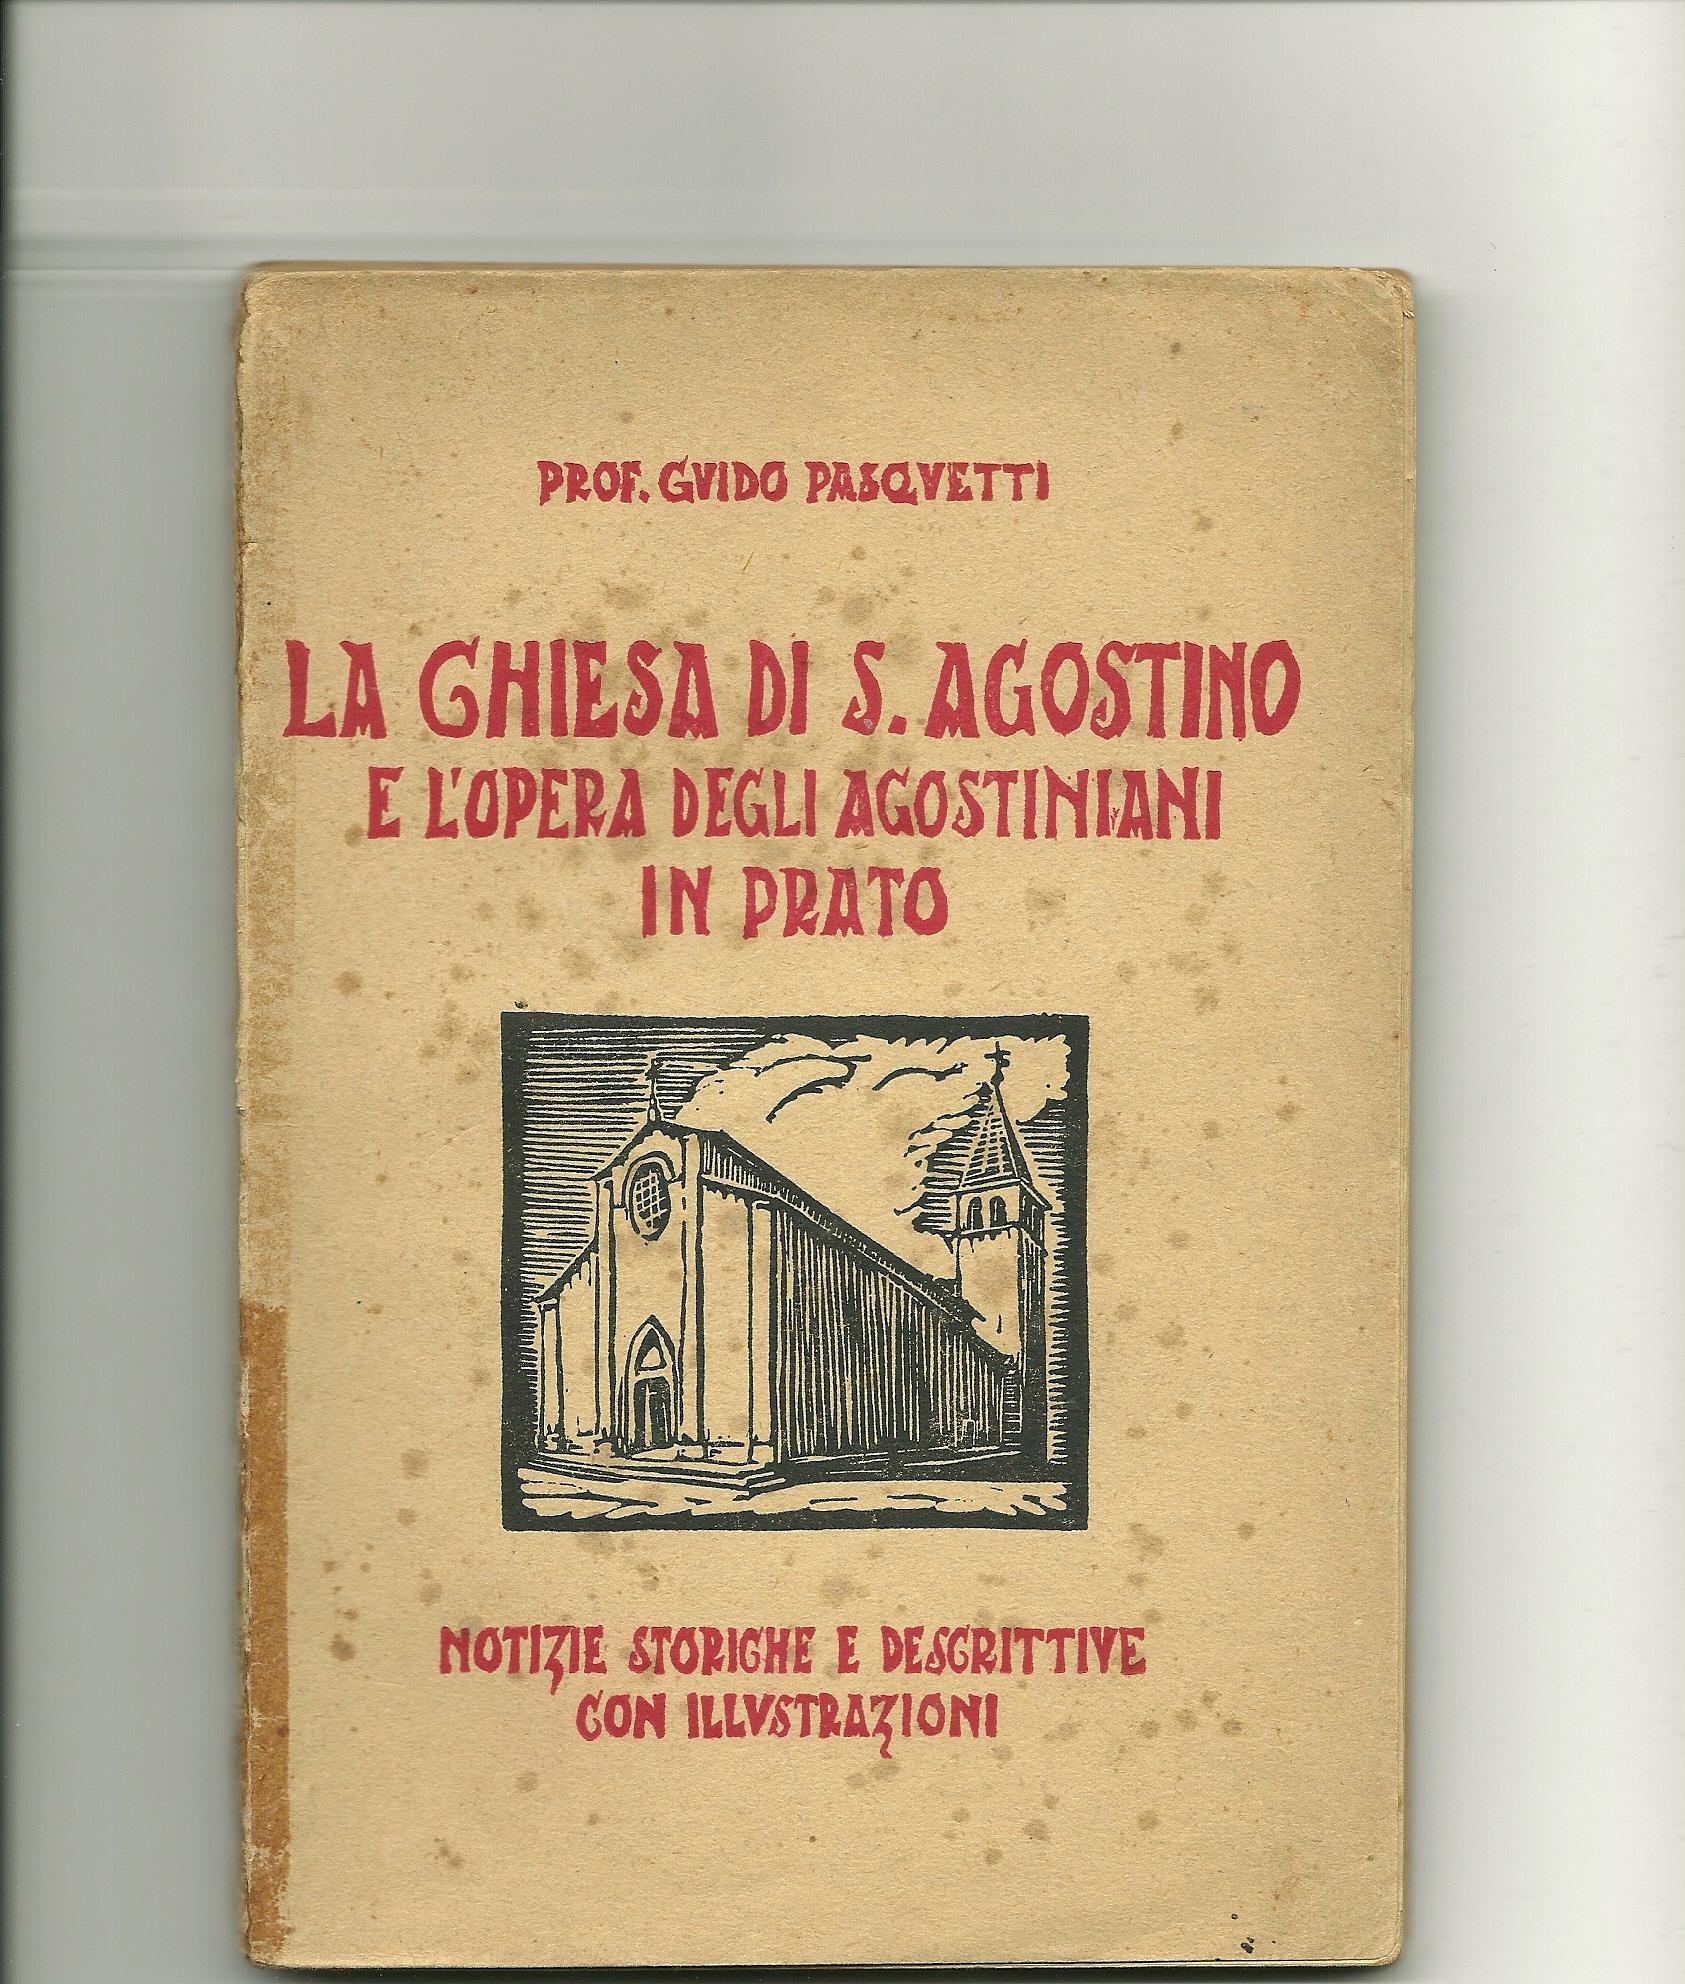 La chiesa di S. Agostino e l'opera degli agostiniani in Prato